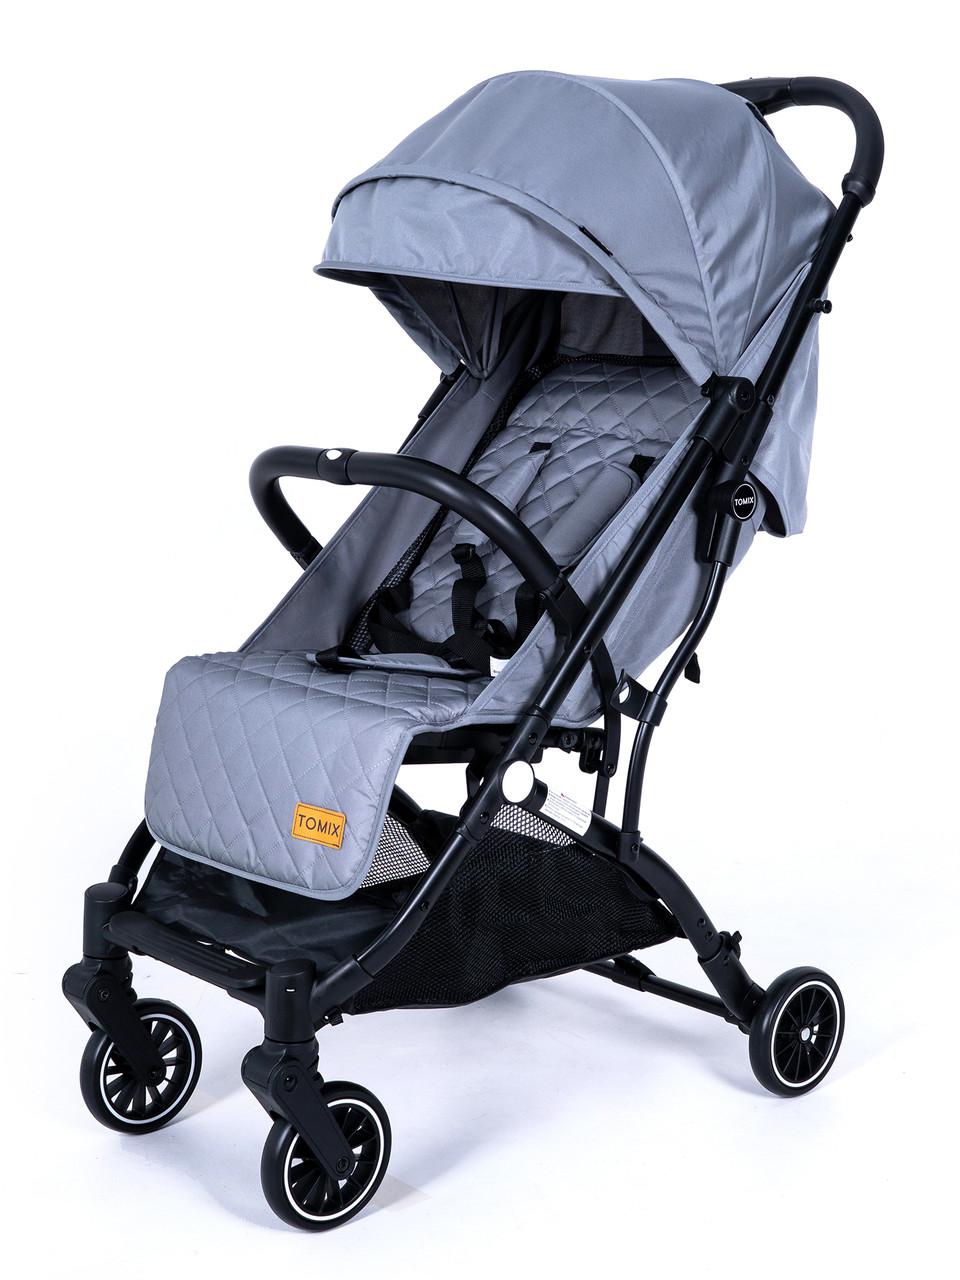 Детская прогулочная Коляска Tomix Luna Цвет серый, трансформируется в чемоданчик